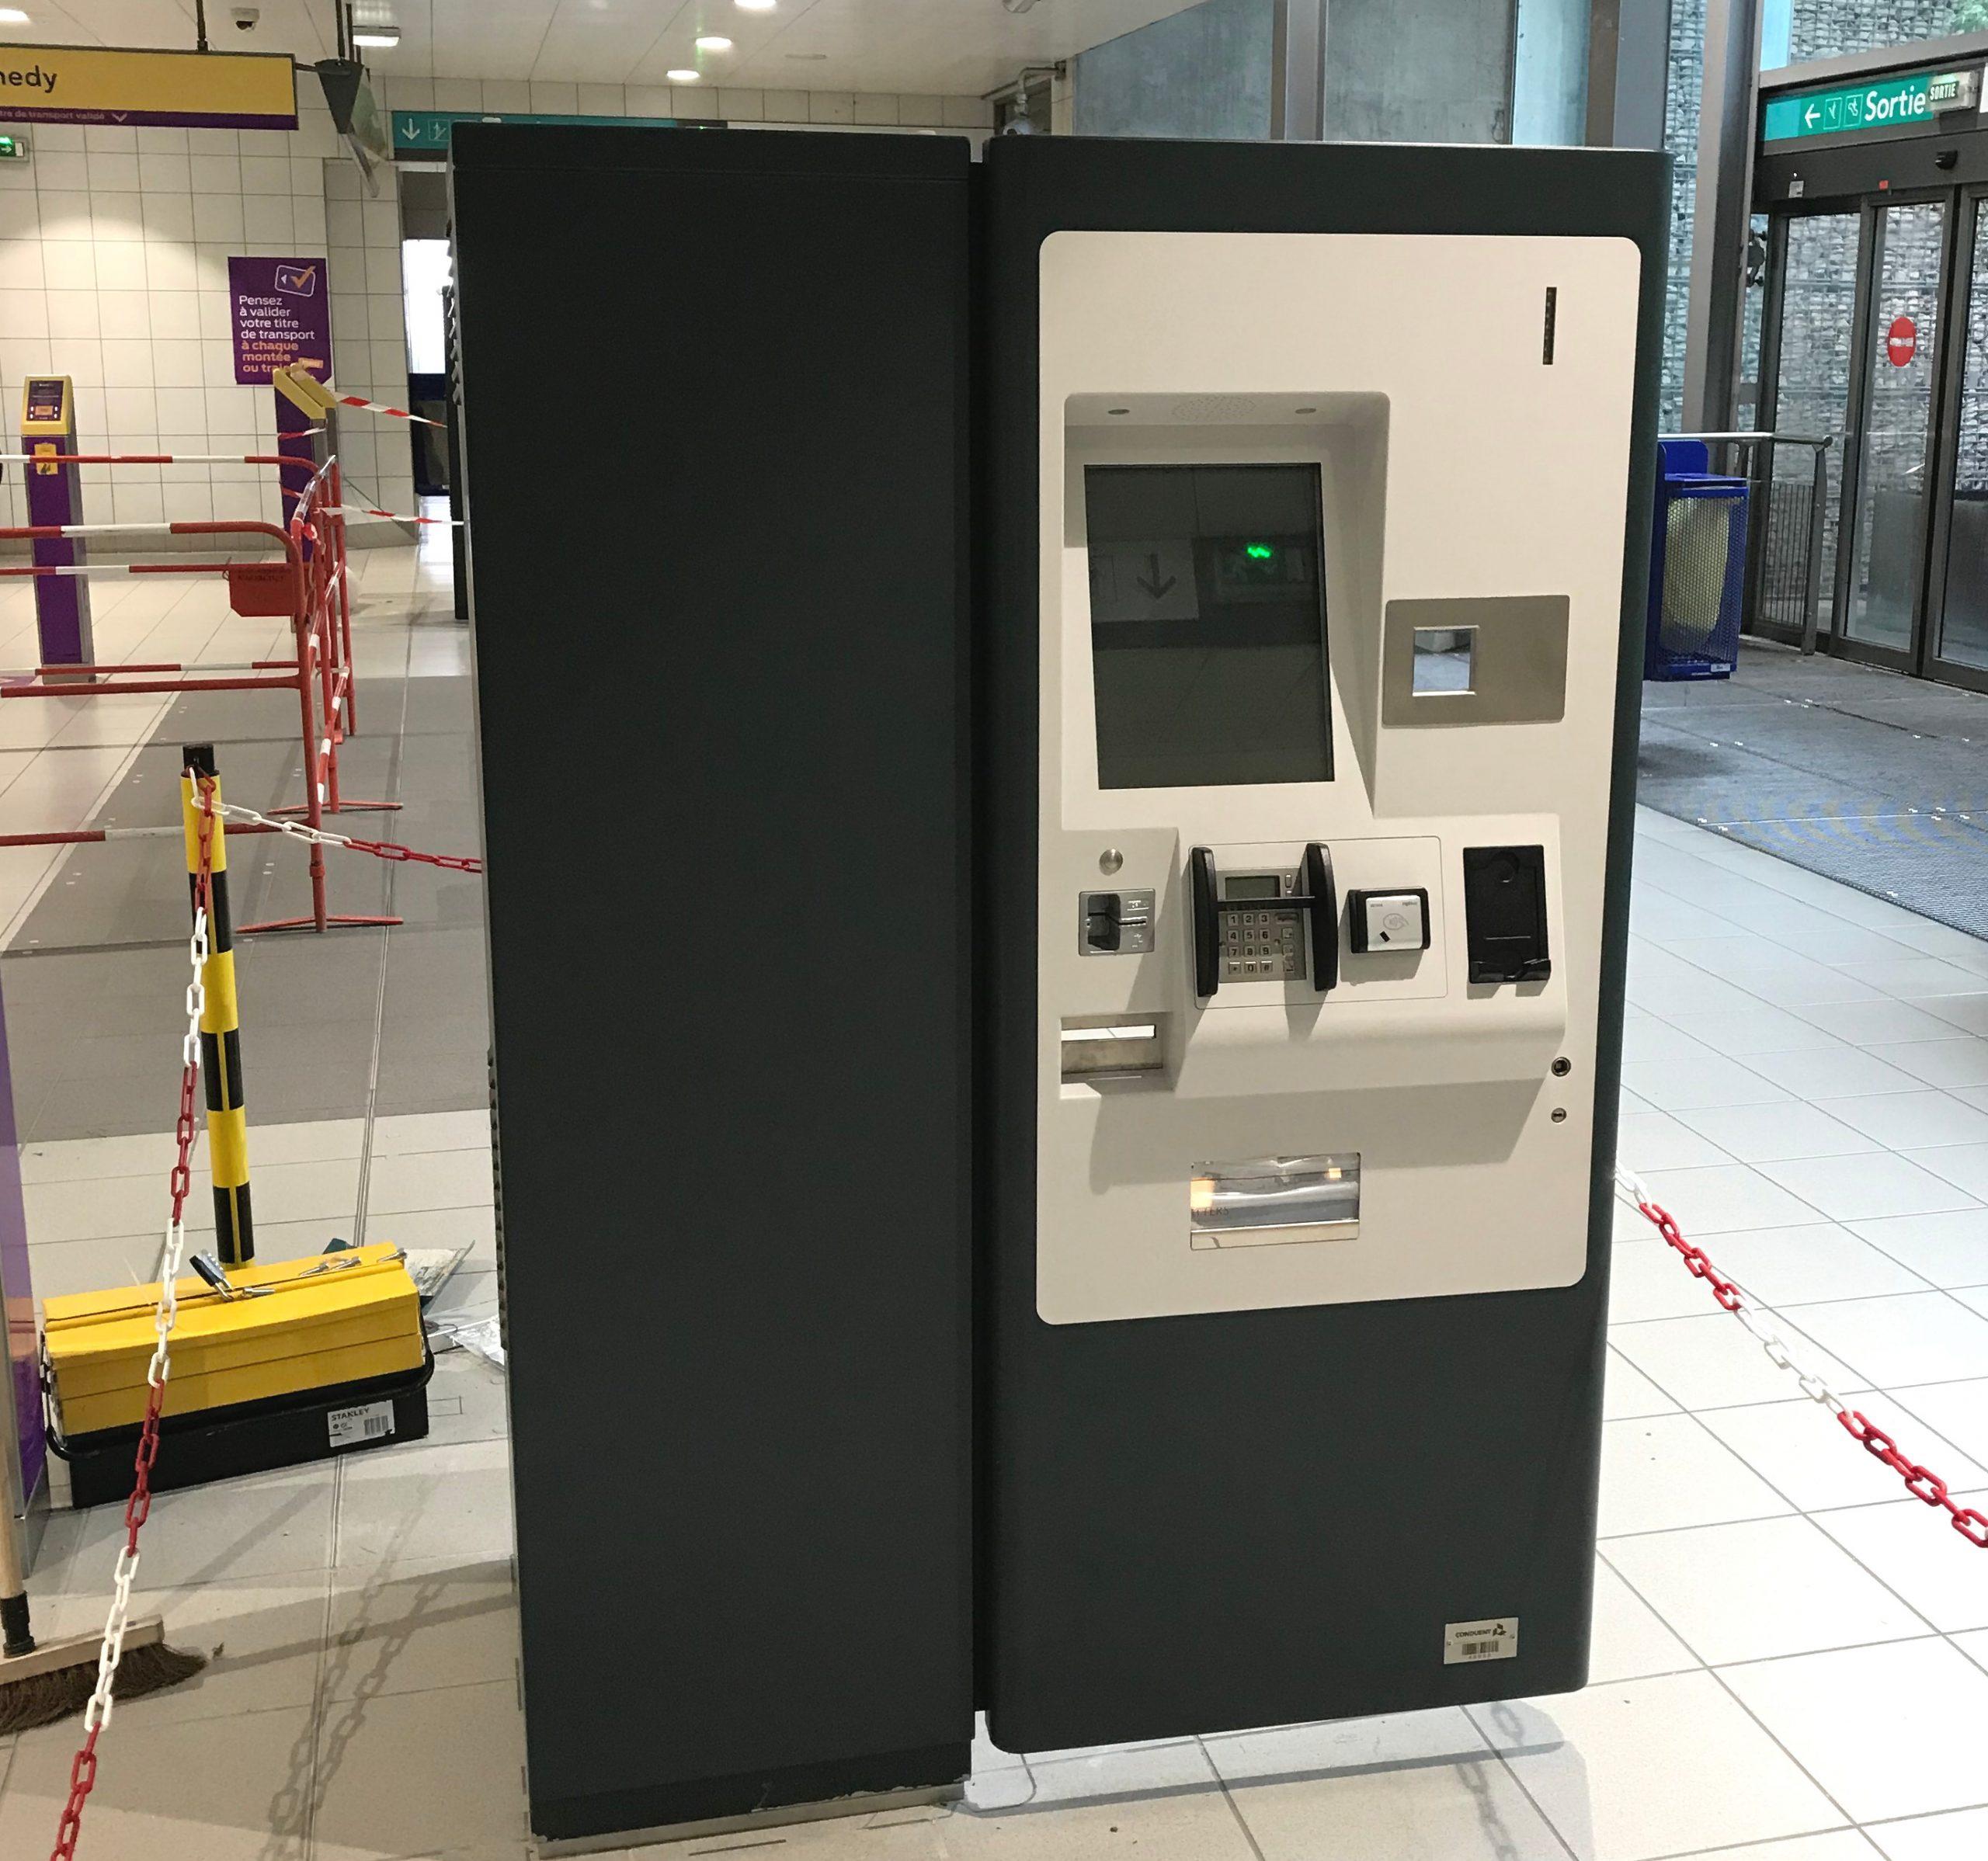 Dématérialisation des titres de transport : la fin du ticket de métro